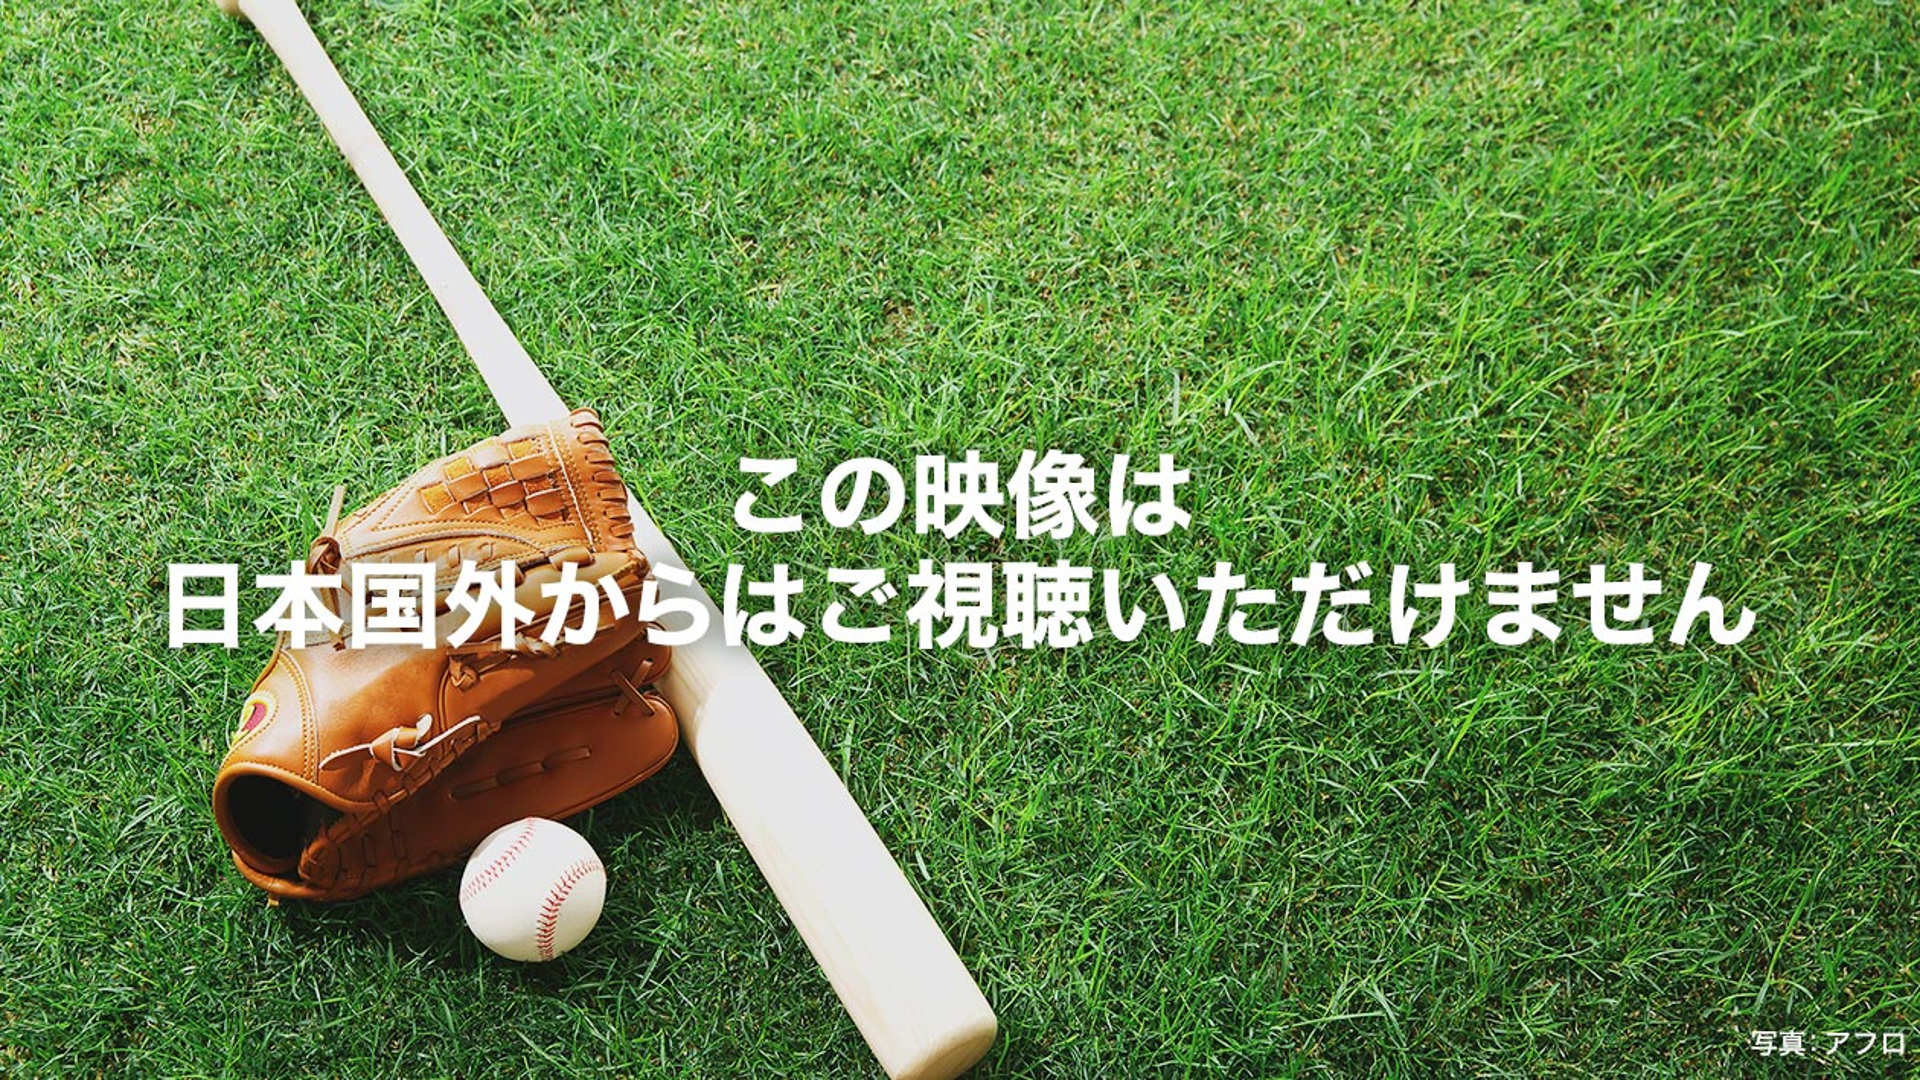 この映像は日本国外からはご視聴いただけません